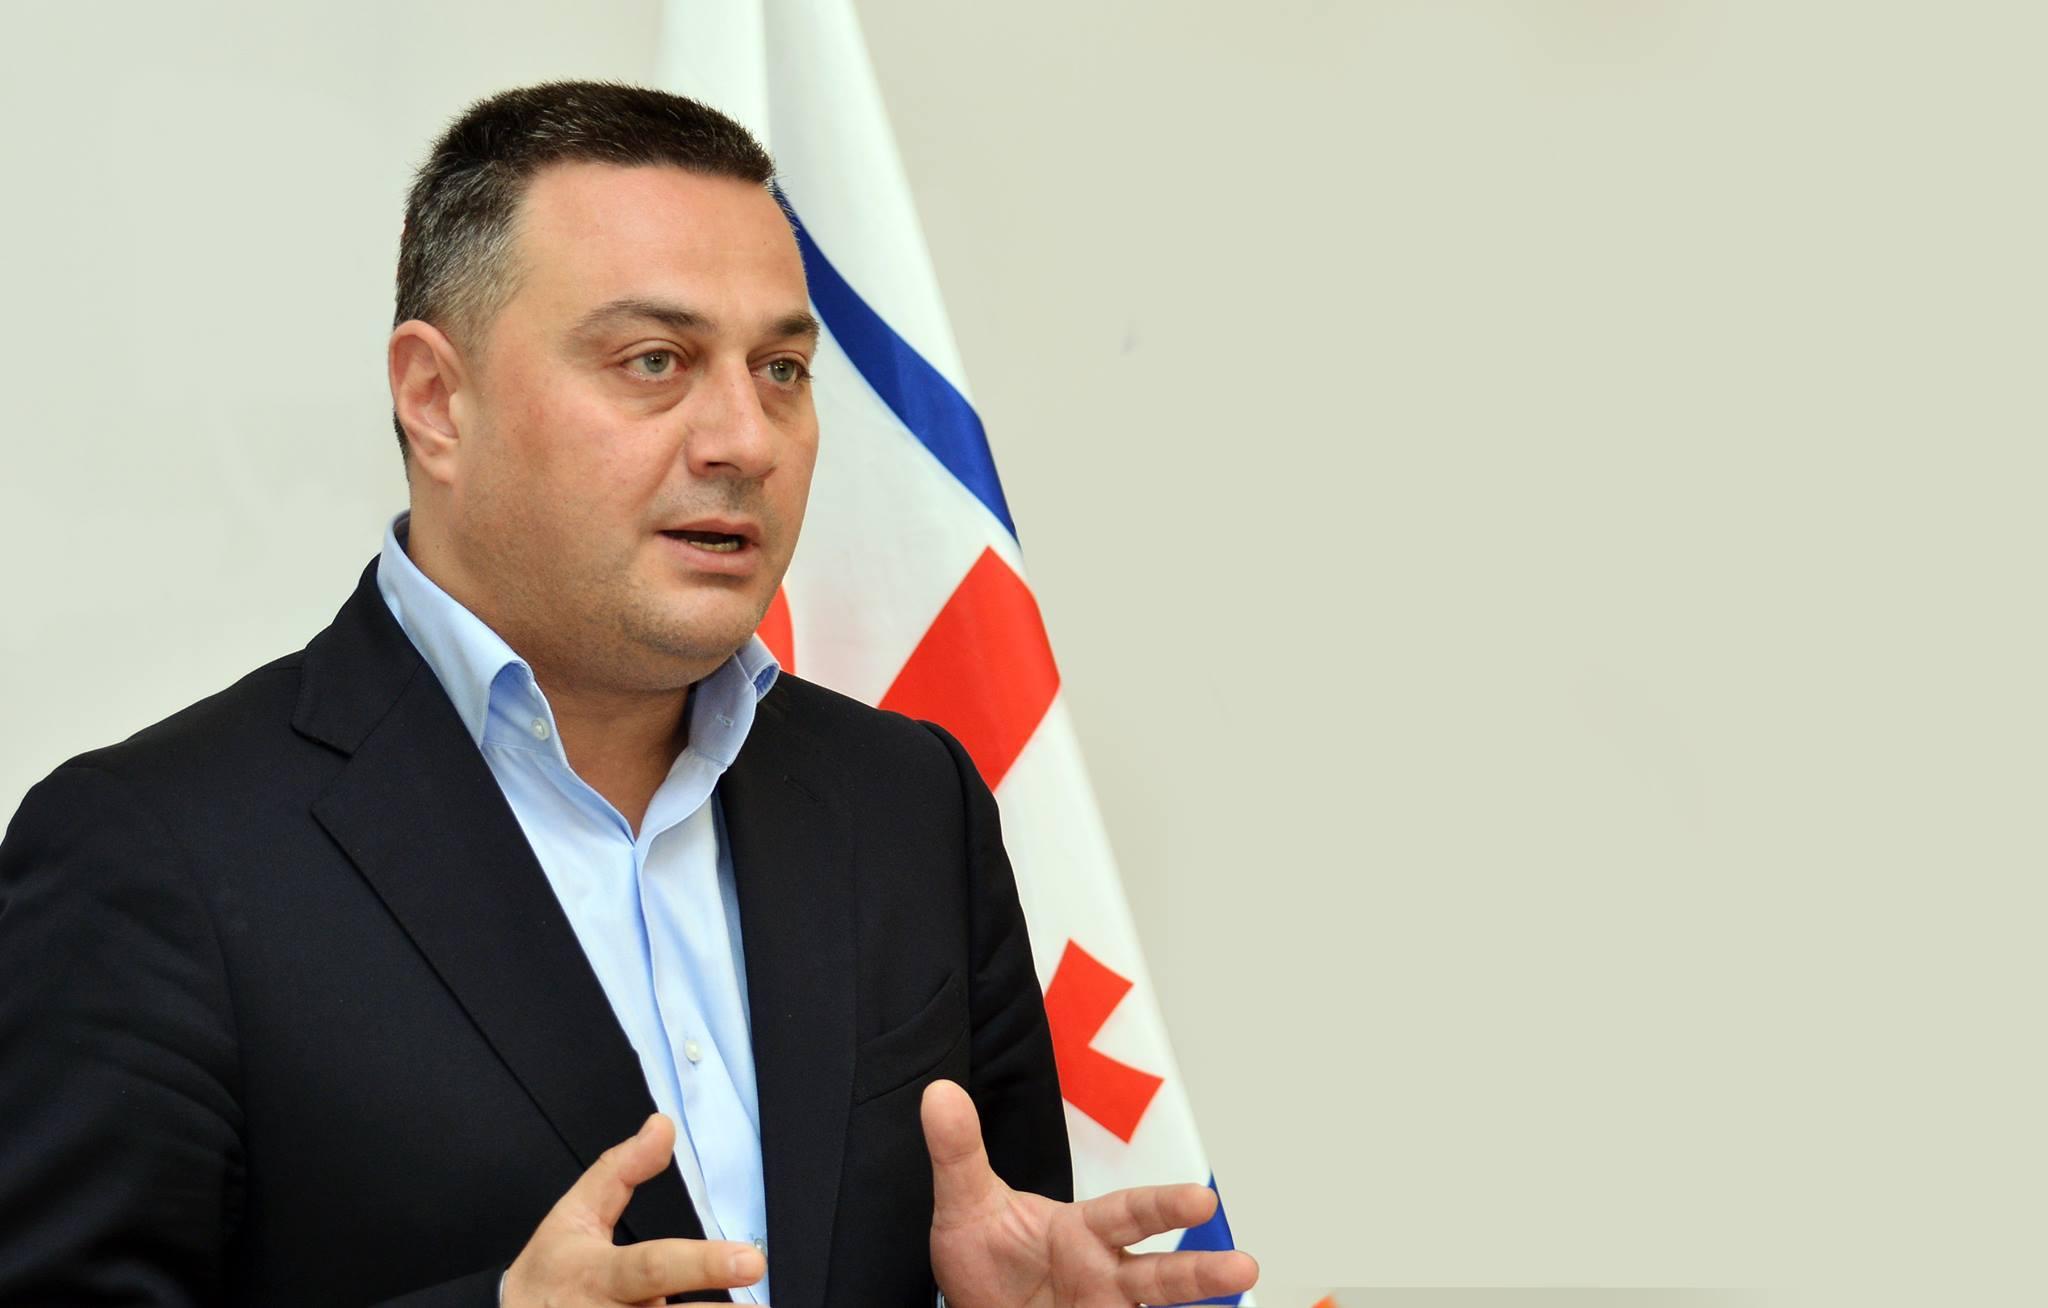 Виктор Долидзе отказался от должности сопрезидента ПА «Евронест»